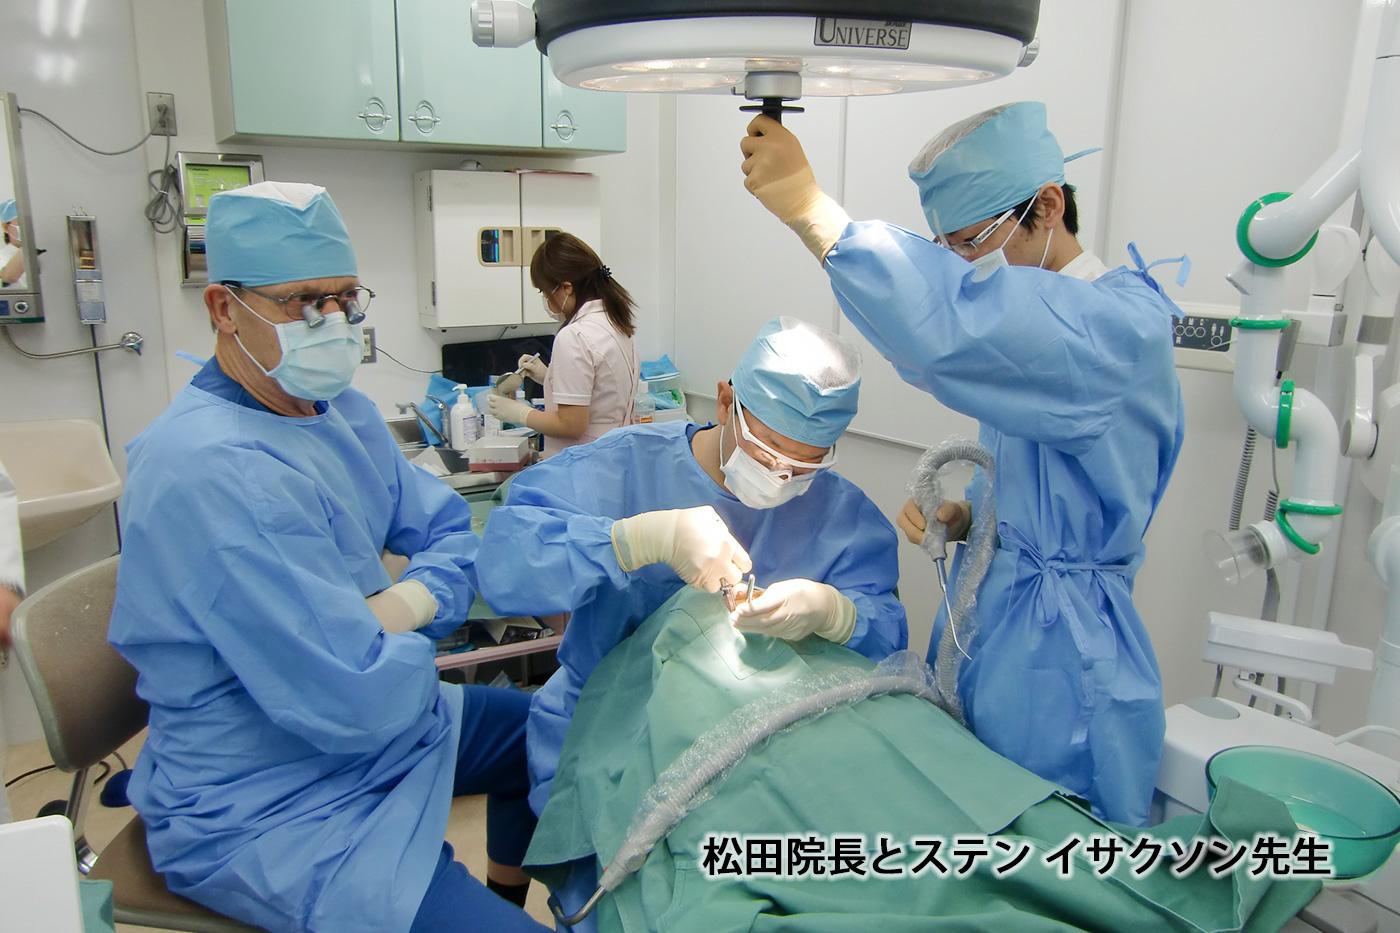 奈良・宇陀市の松田歯科医院では世界的権威のステンイサクソン先生とインプラント治療のオペサポートを行って頂きました